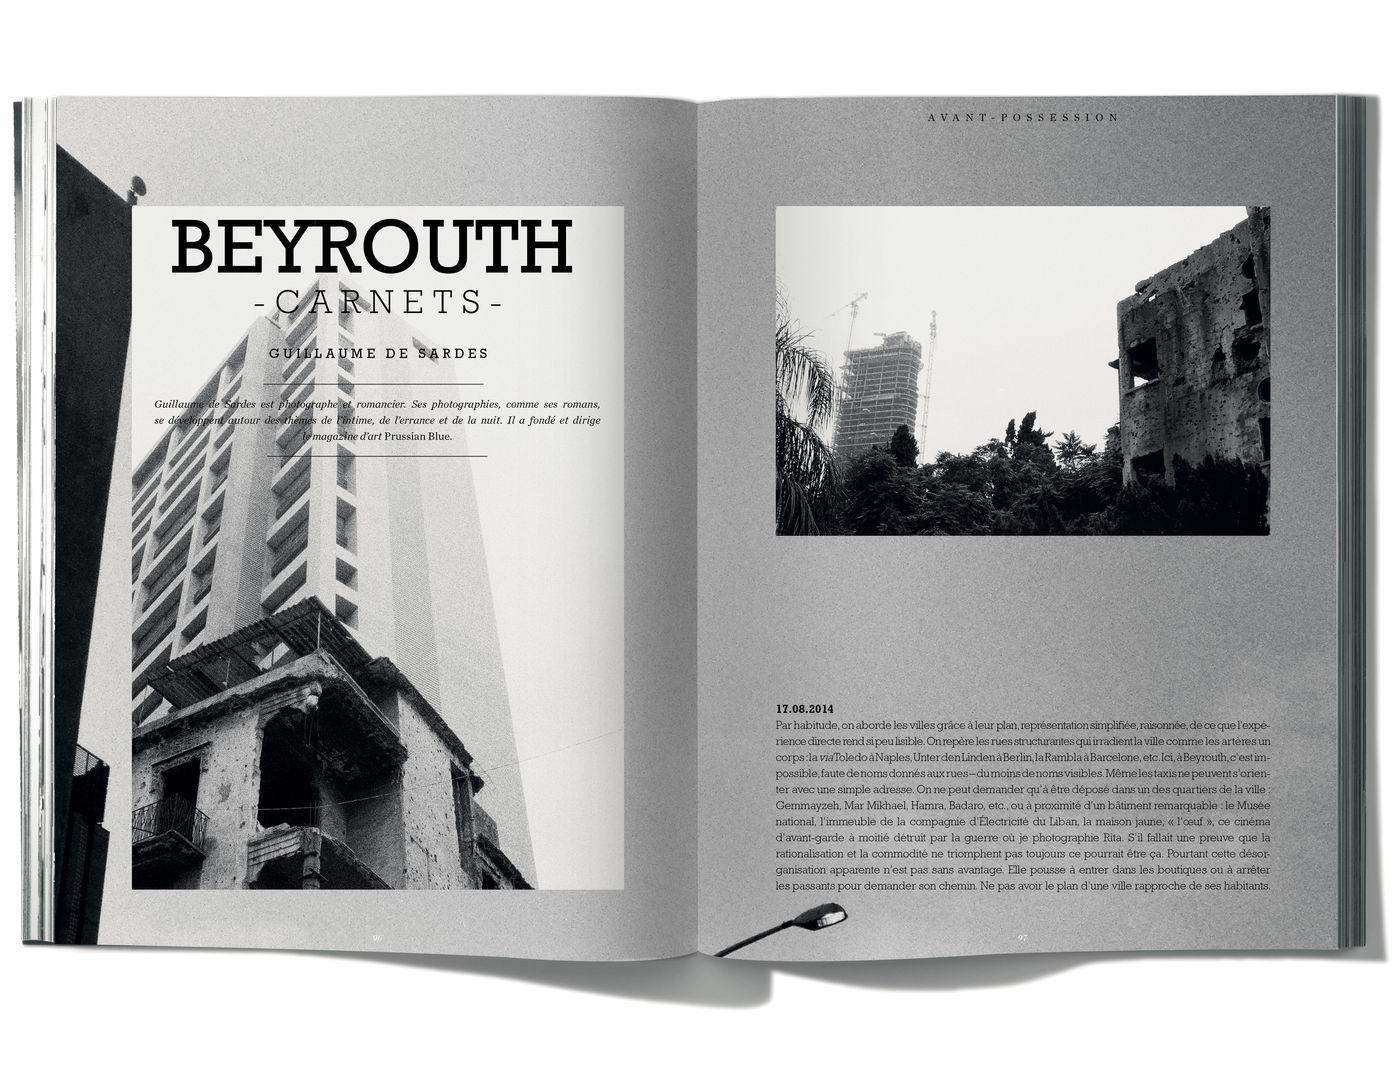 Texte et photographies de Guillaume de Sardes, Beyrouth - Carnets -